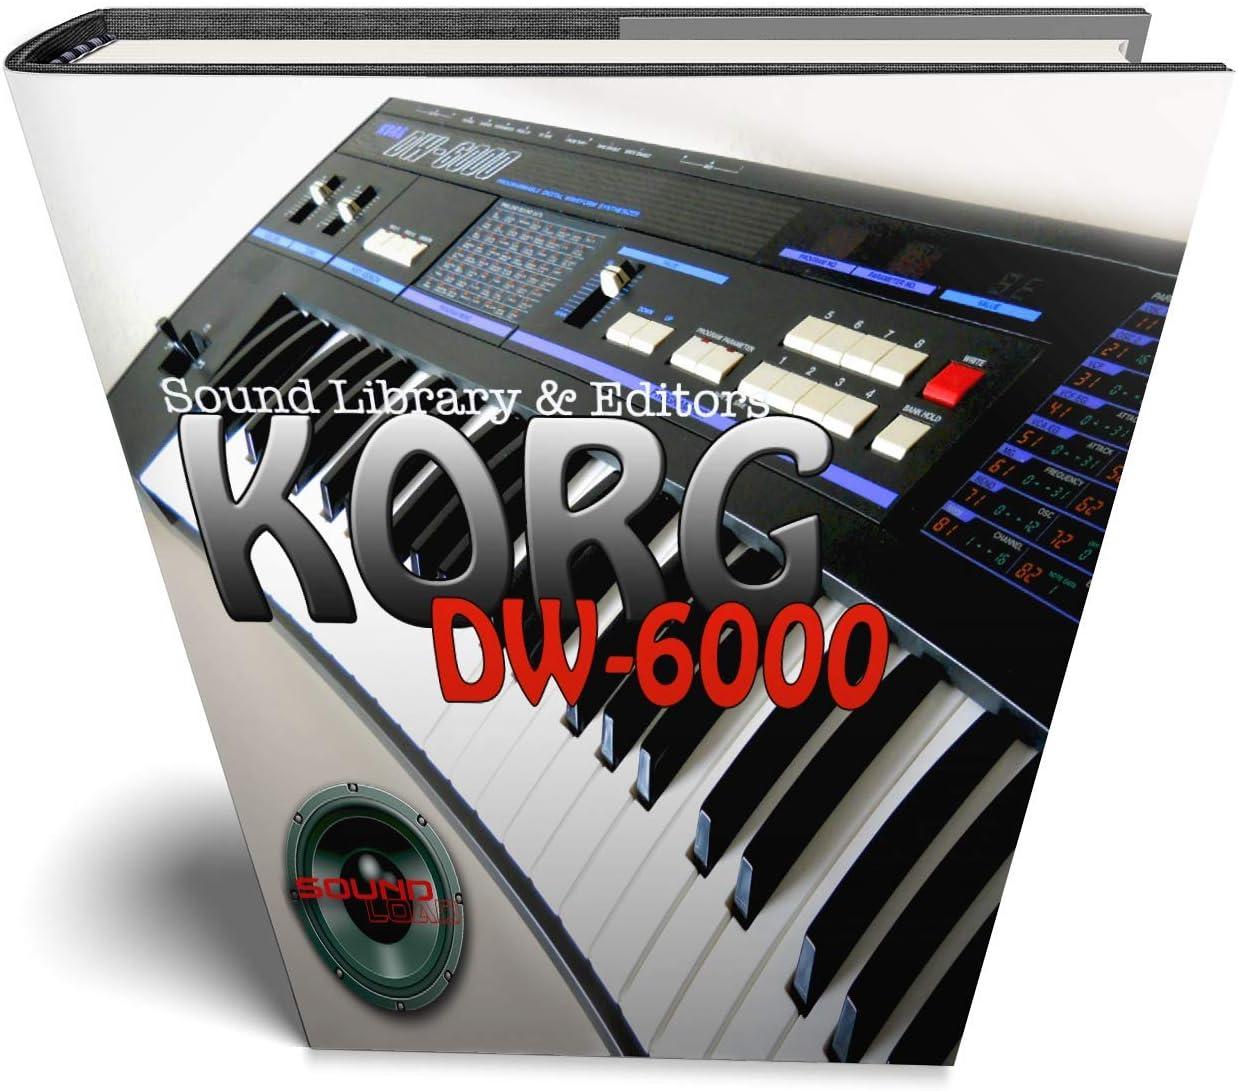 Korg dw-6000 Editor de sonido original y biblioteca en CD ...